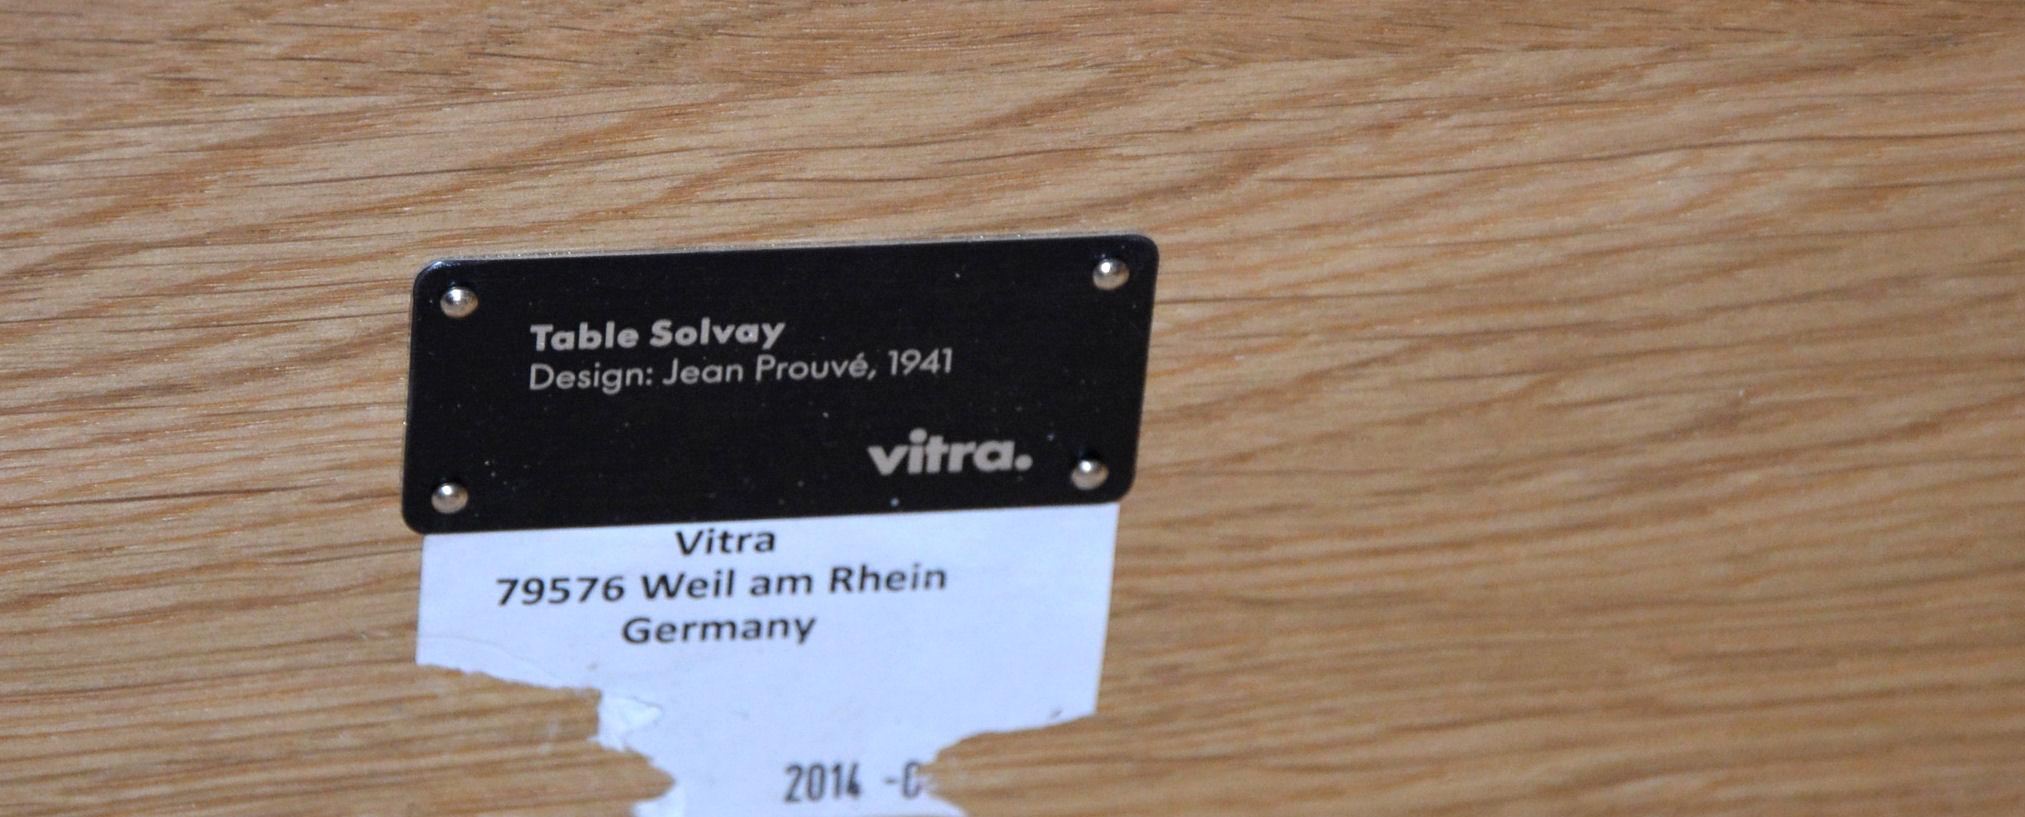 Jean Prouvé. 'TheTable Solvay' solid oak. Vitra, årg. 2014